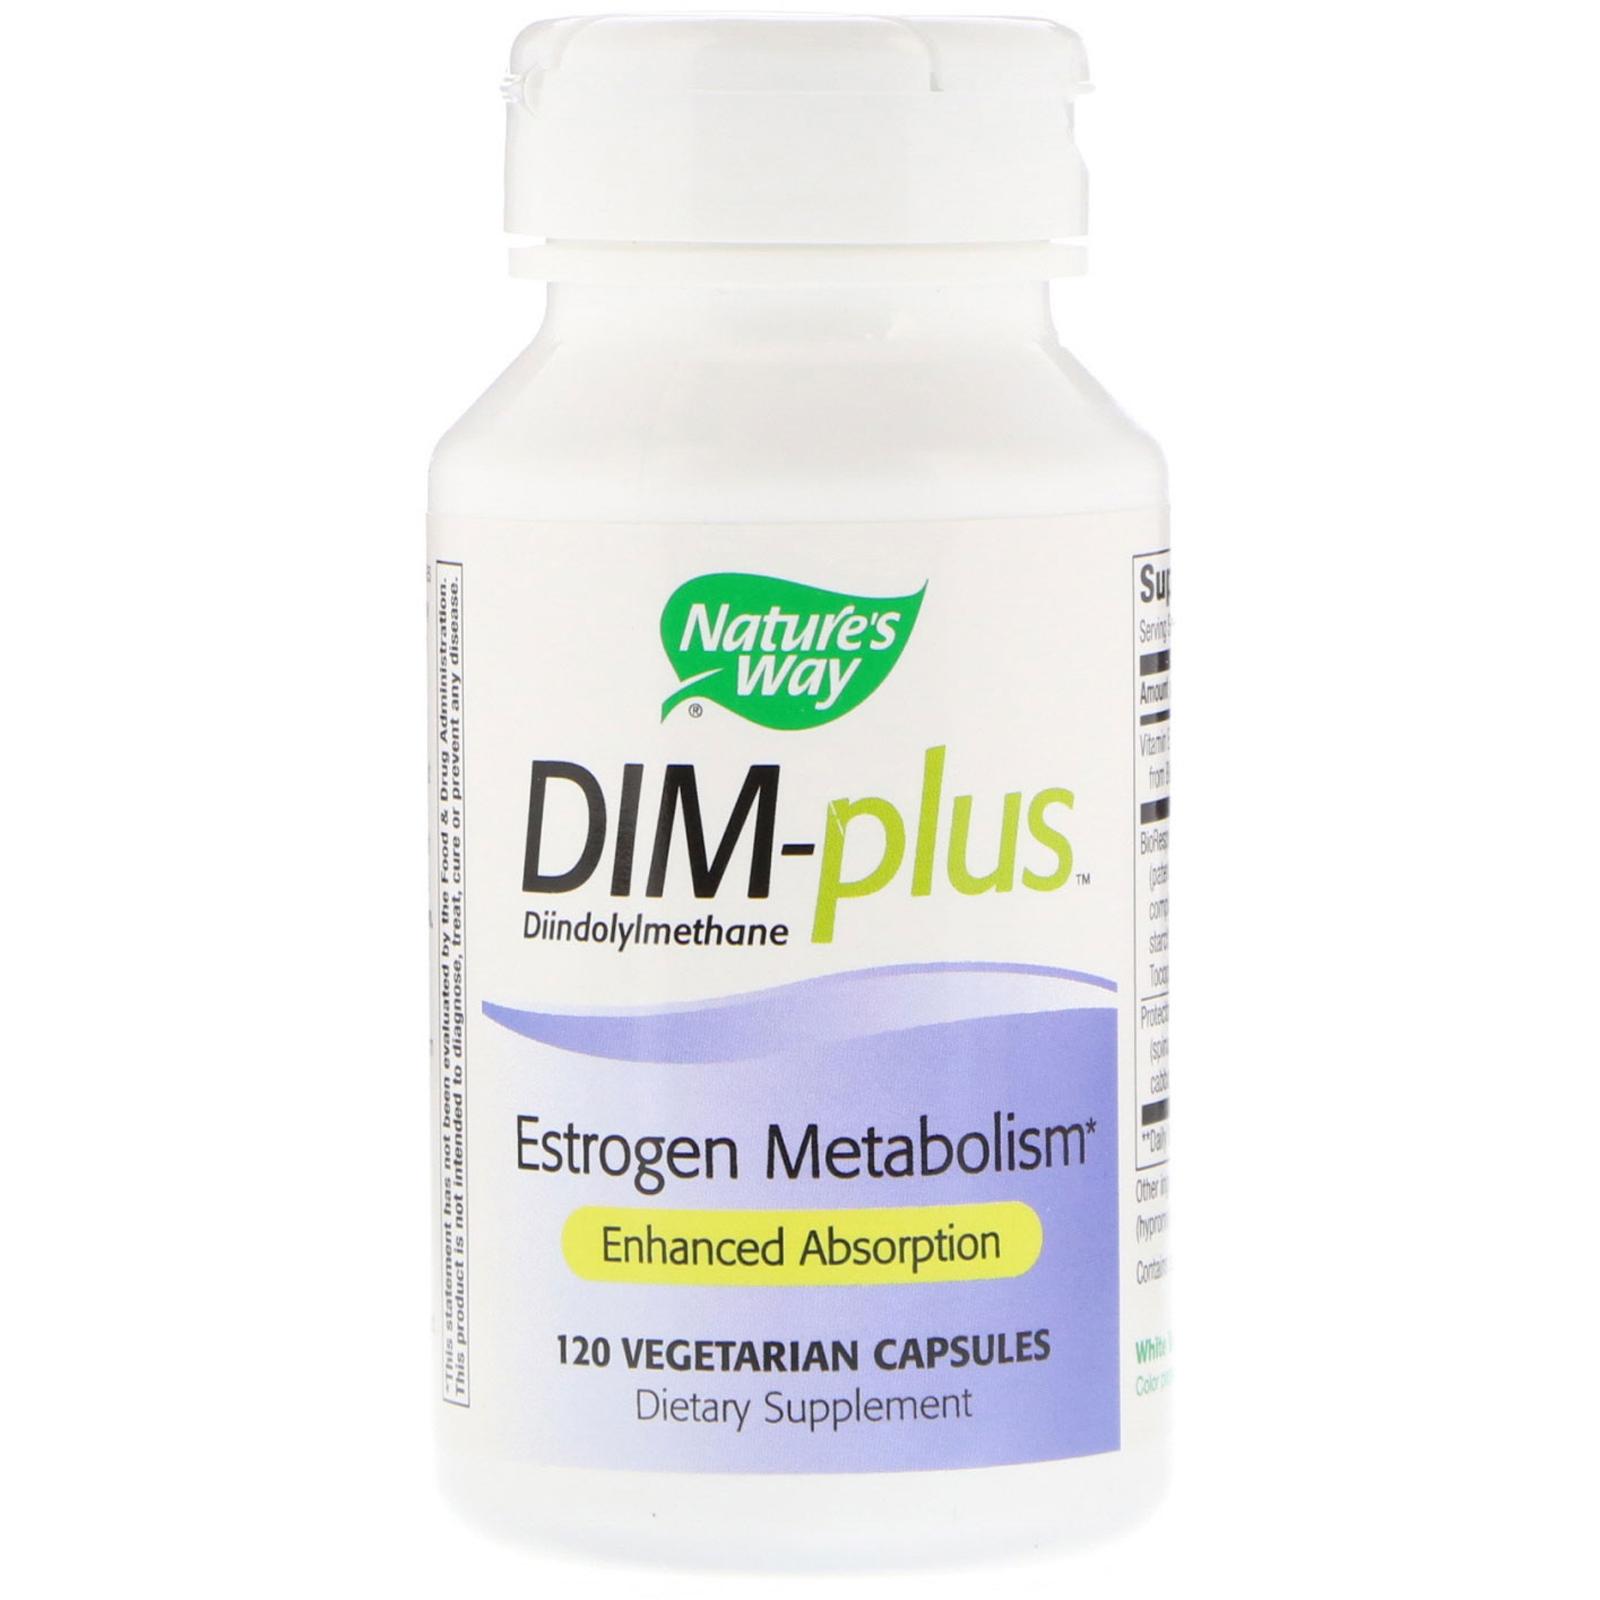 Nature's Way, DIM-plus, Estrogen Metabolism, 120 Vegetarian Capsules